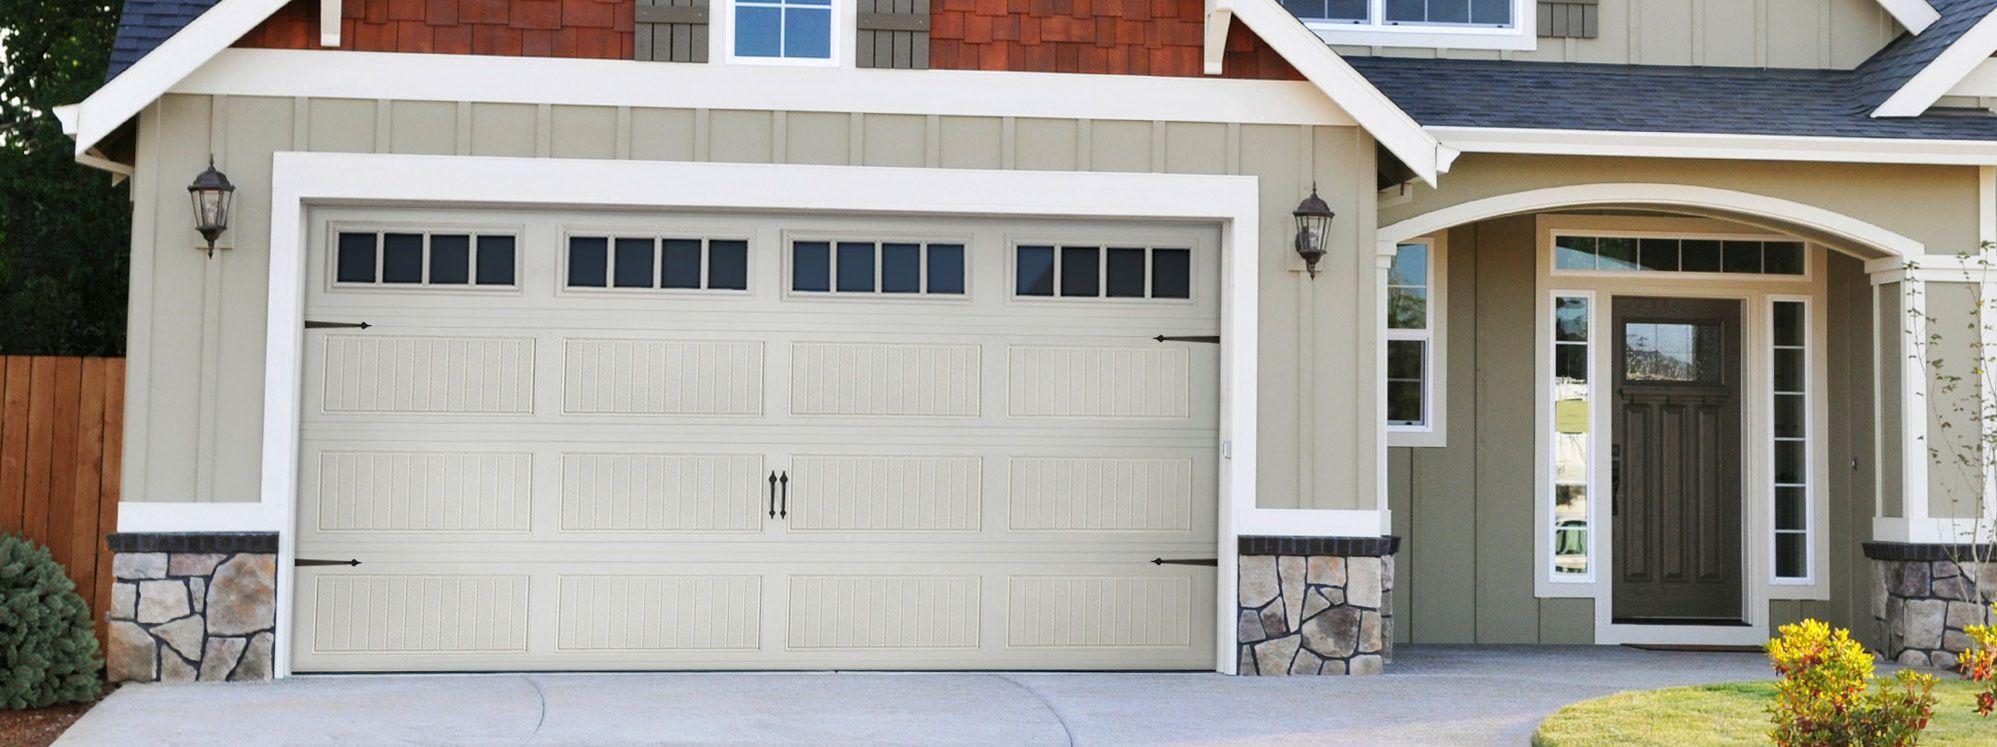 Garage Door Repair And Installation In Irvine Ca Garage Door